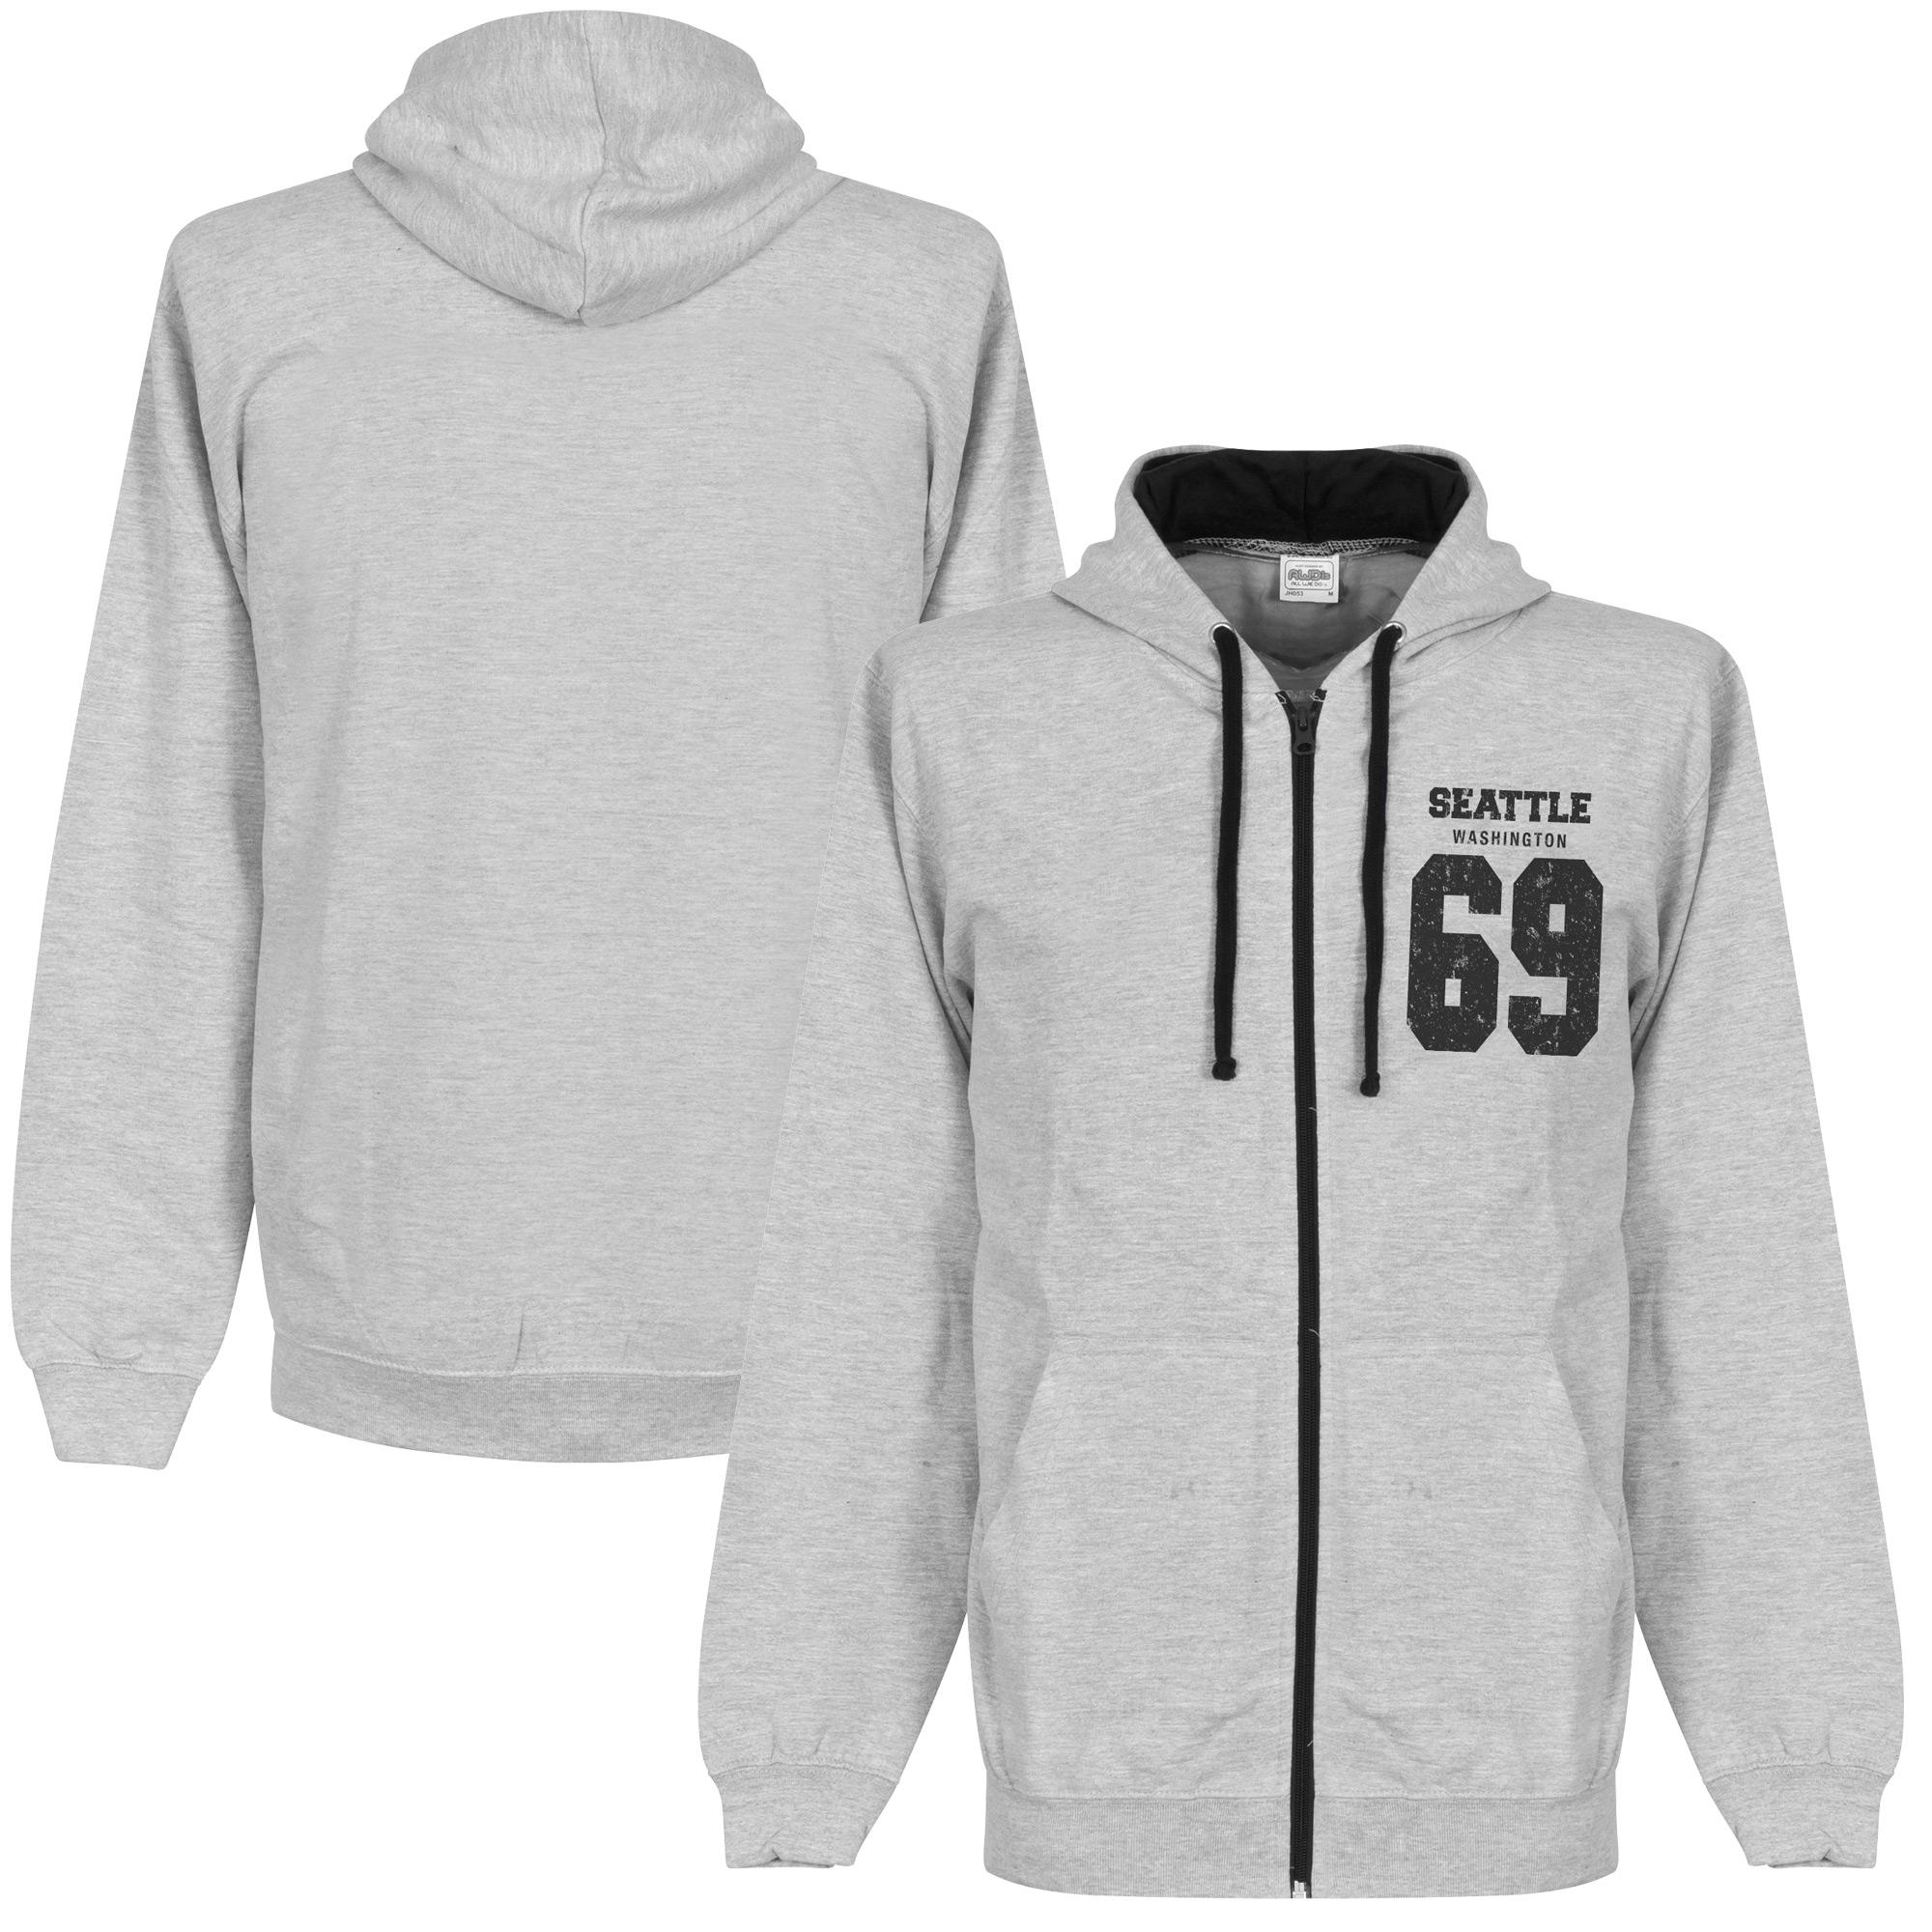 Seattle '69 Full Zip Hooded Sweater